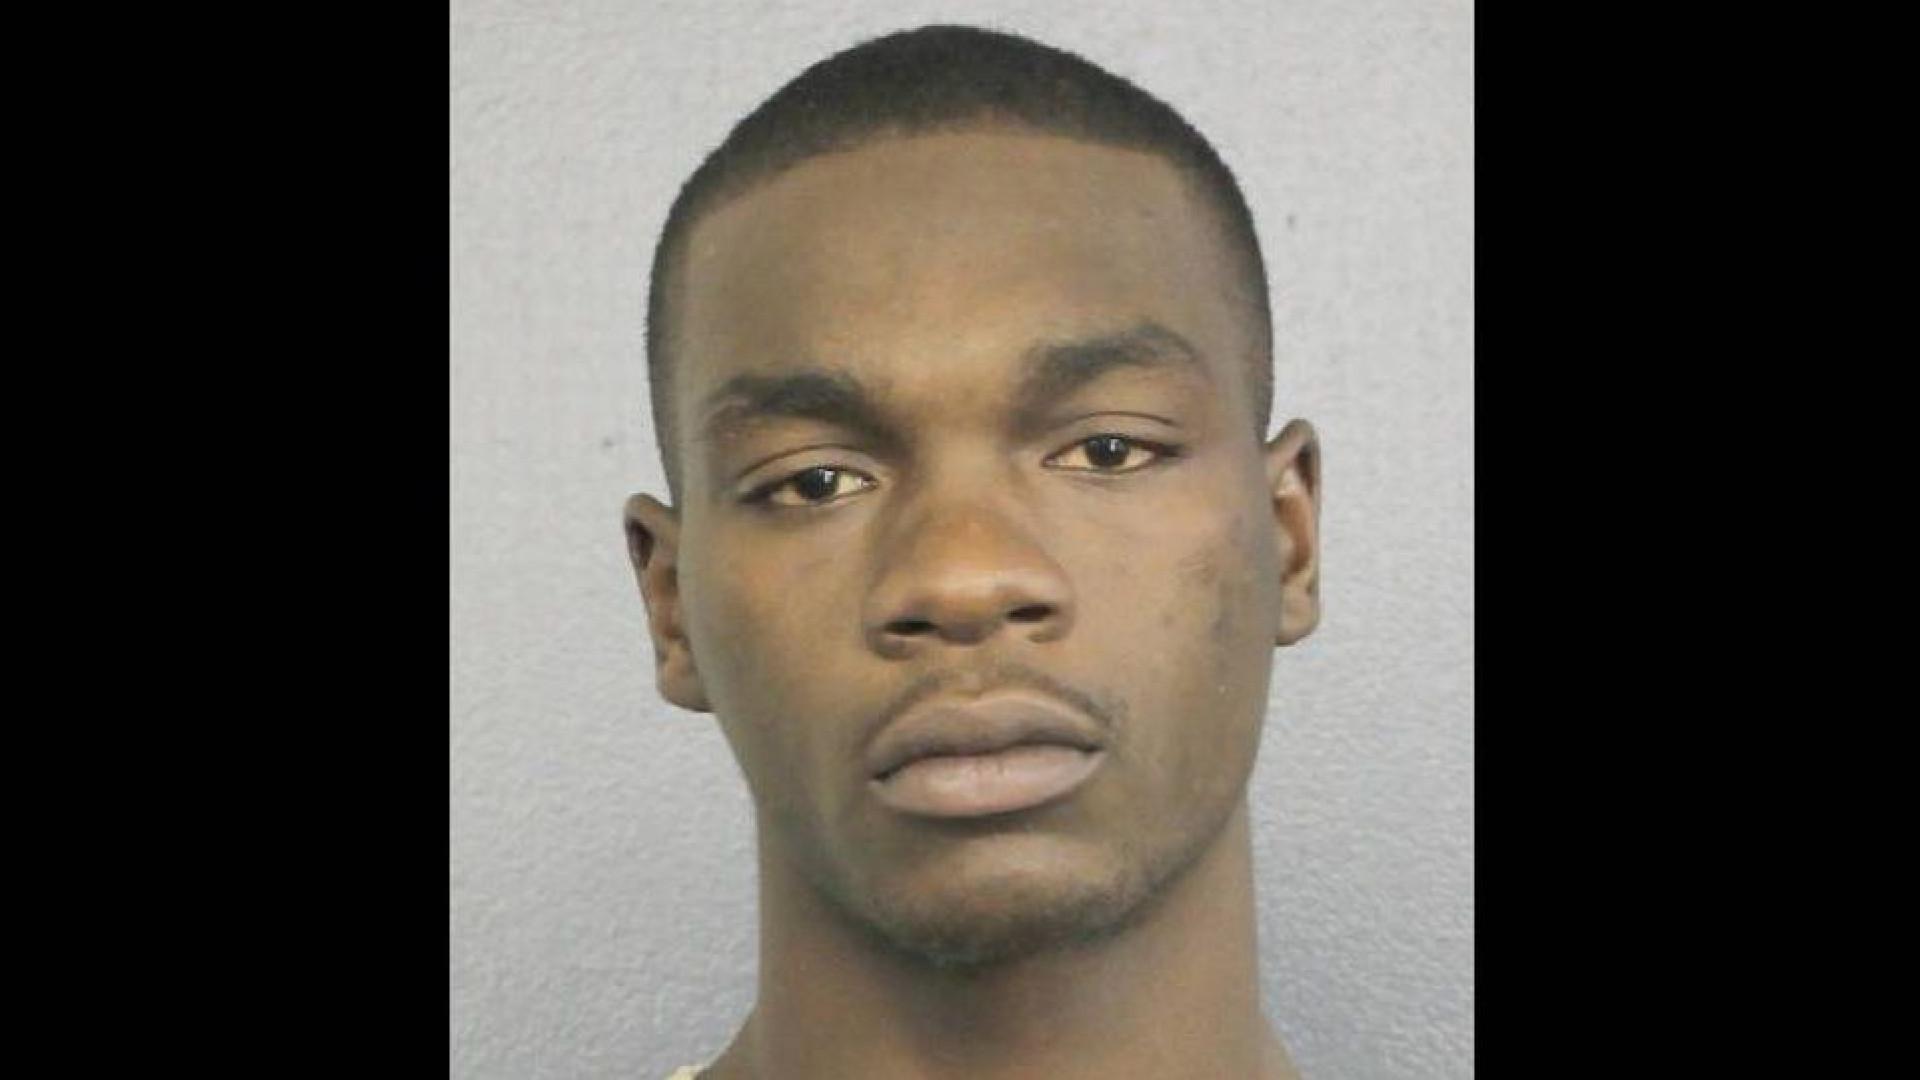 Efetuada segunda detenção relacionada com morte de rapper XXXTentacion